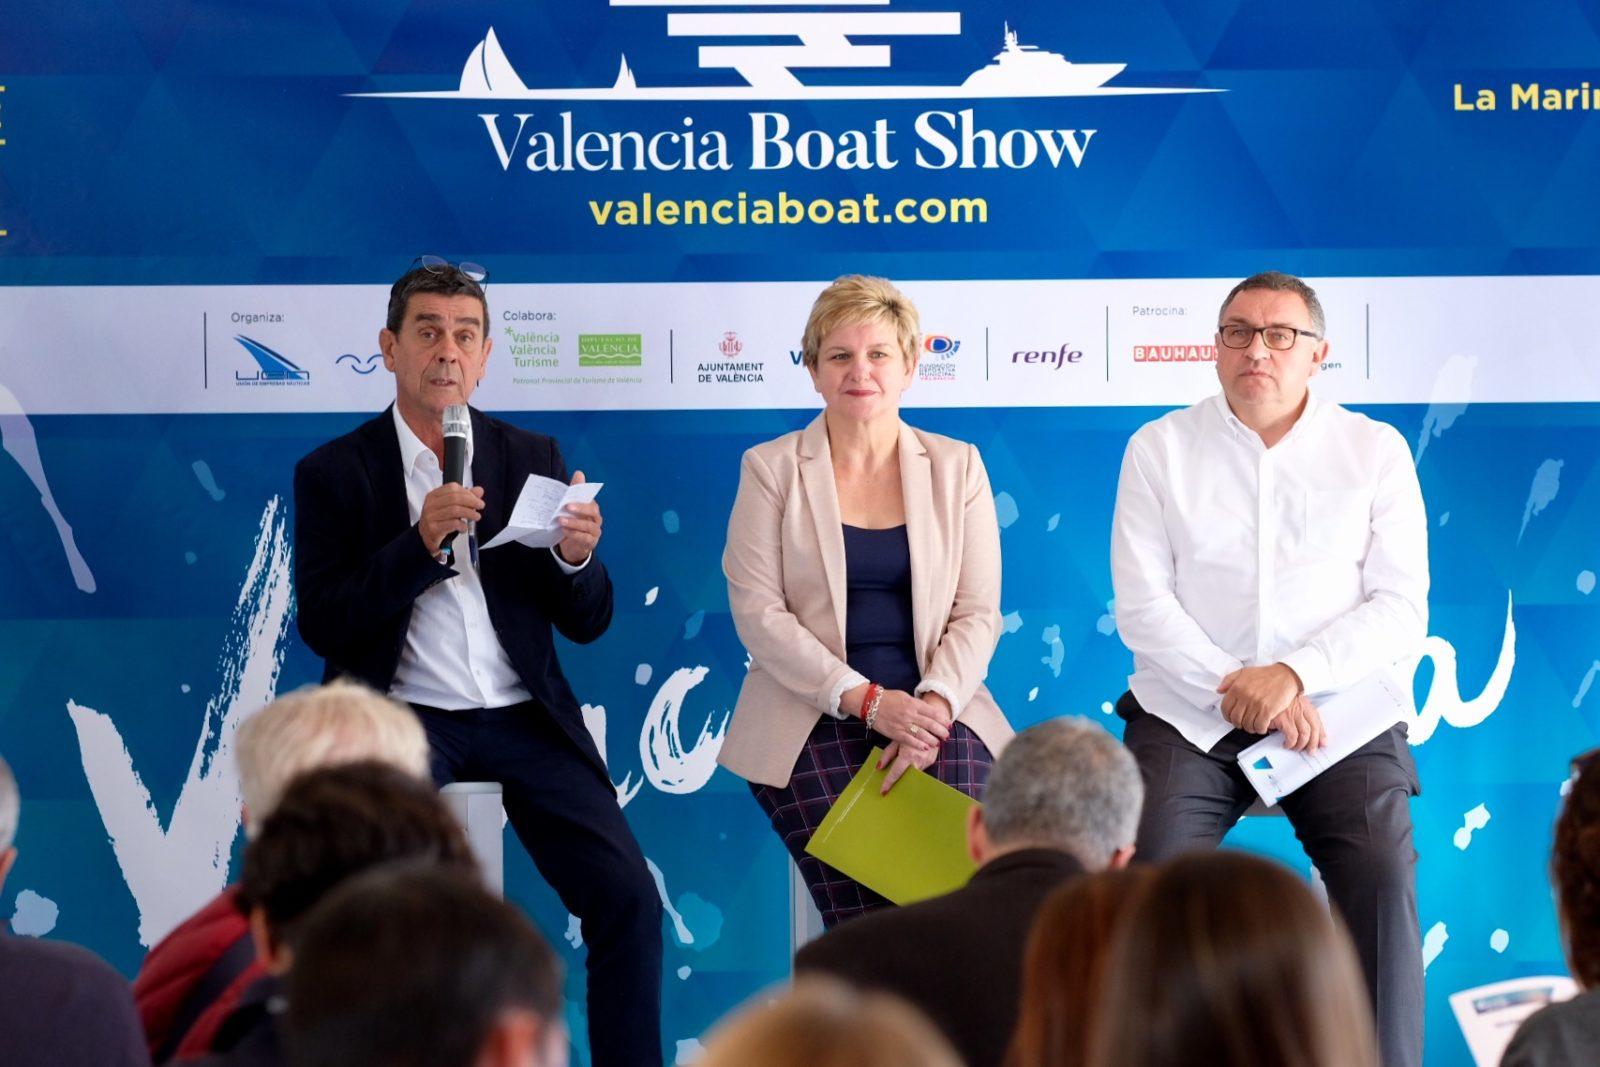 El Valencia Boat Show crece y se consolida en su nueva estrategia